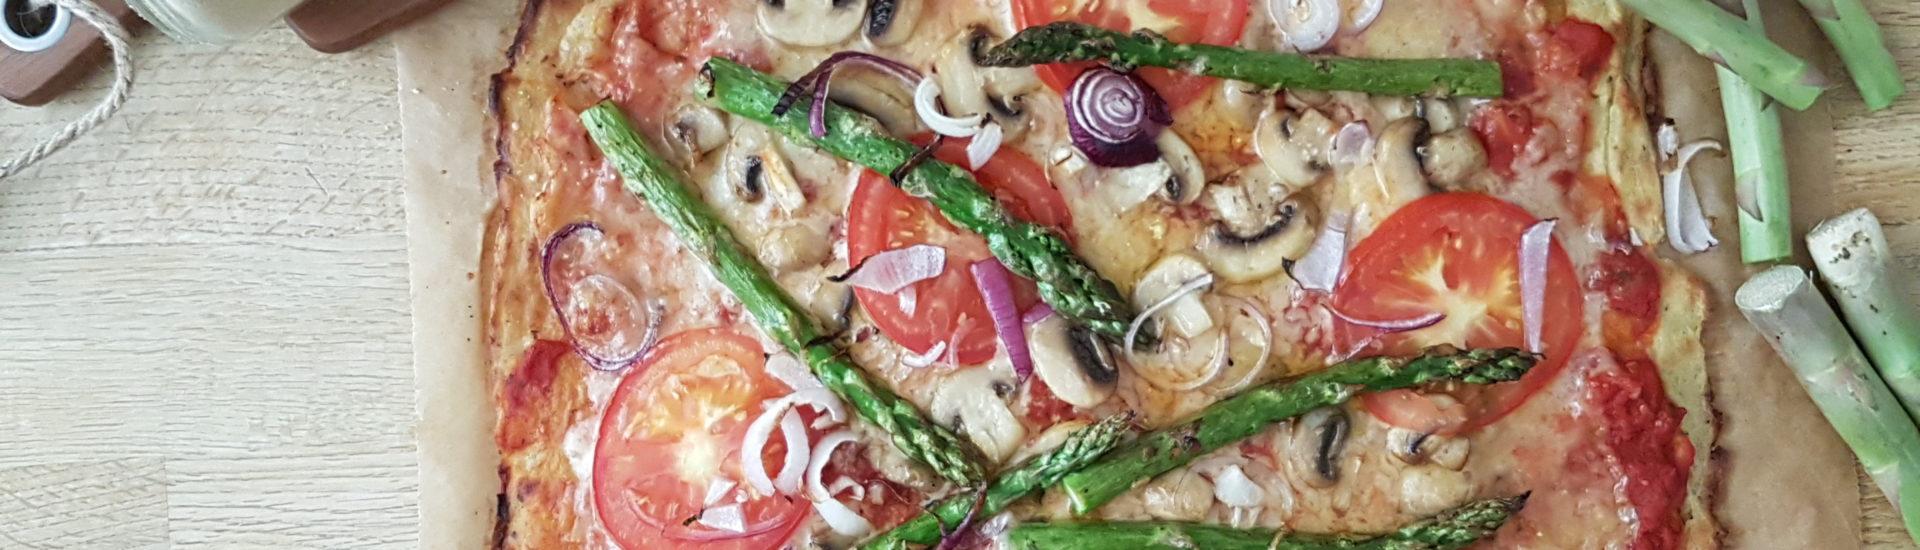 pizza med potatisbotten